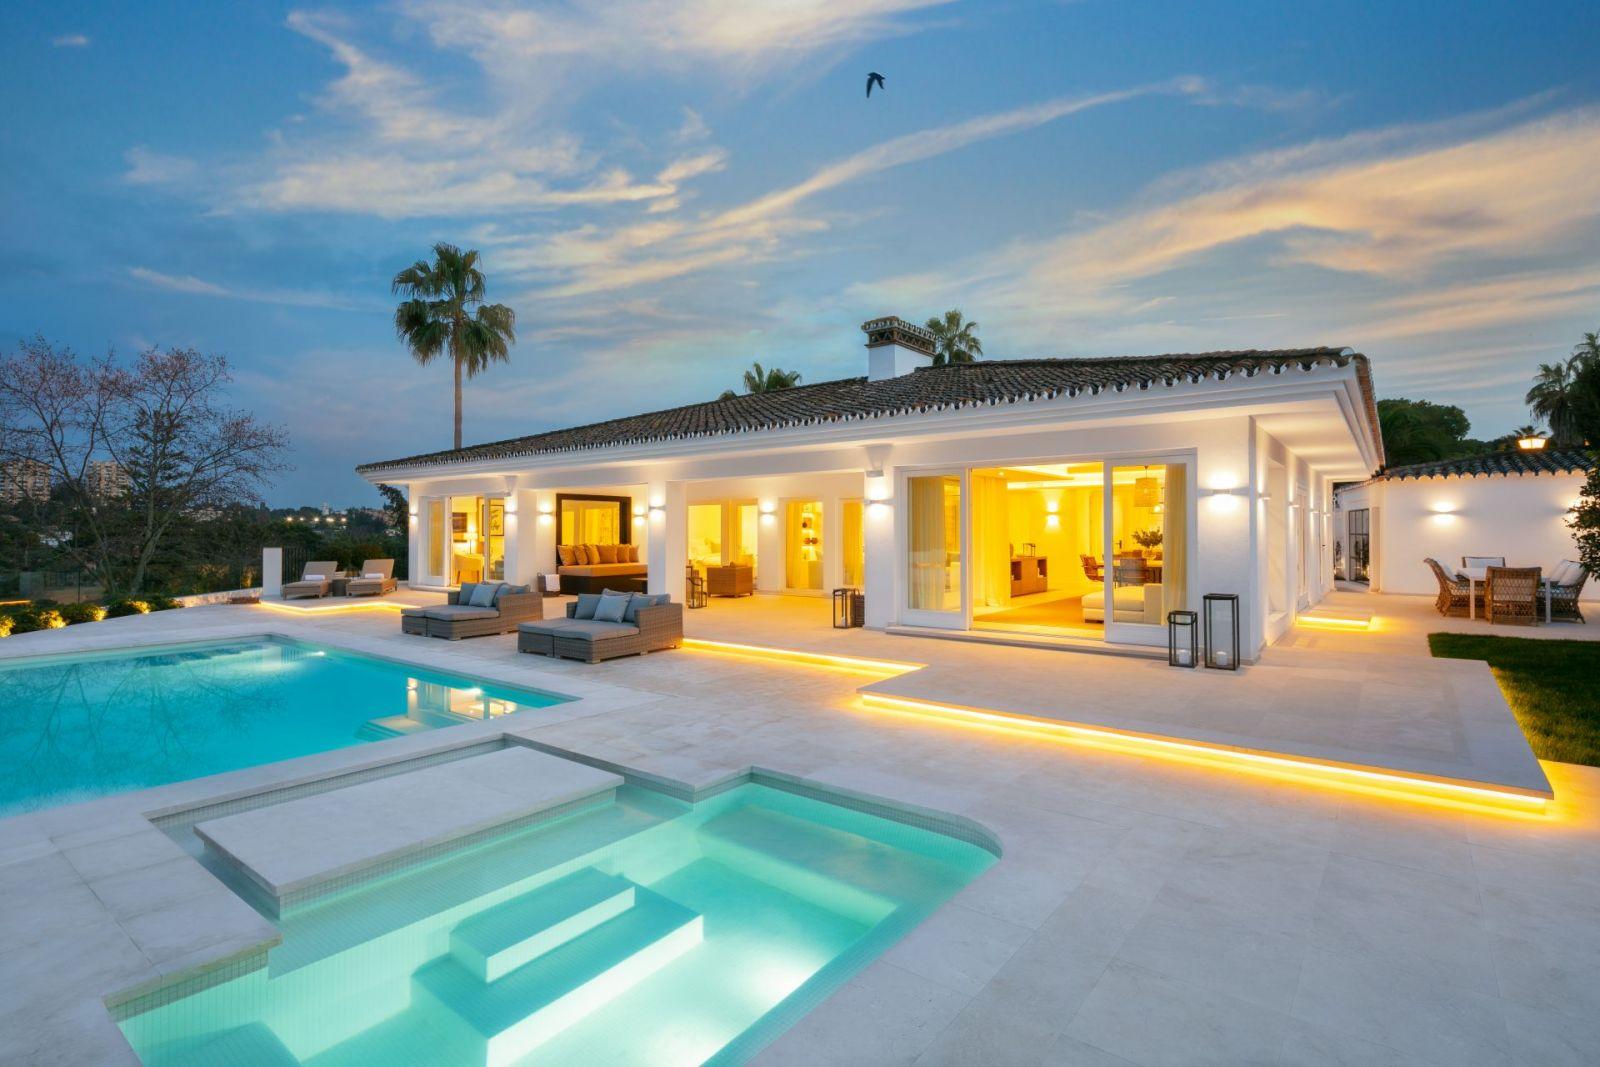 Luxury Villa Christina For Sale In Nueva Andalucia, Marbella